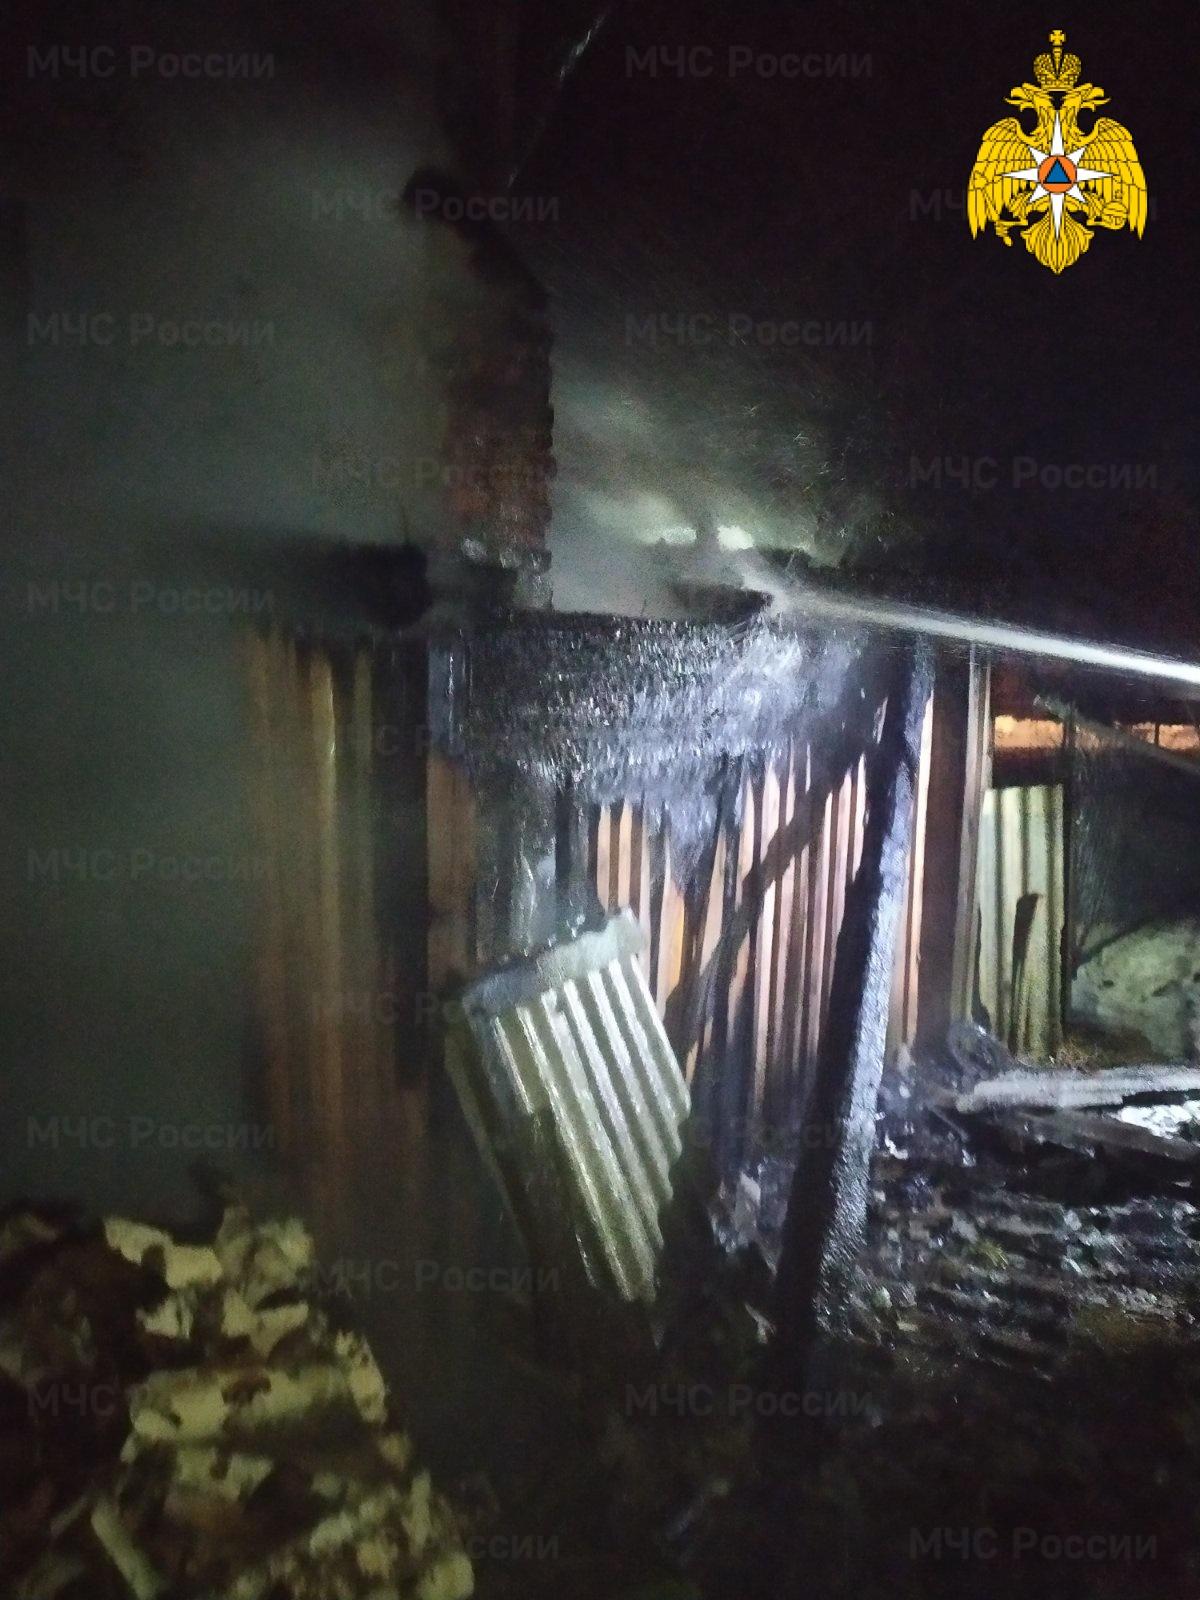 Пожар в Хвастовичском районе, с. Пеневичи, ул. К. Маркса